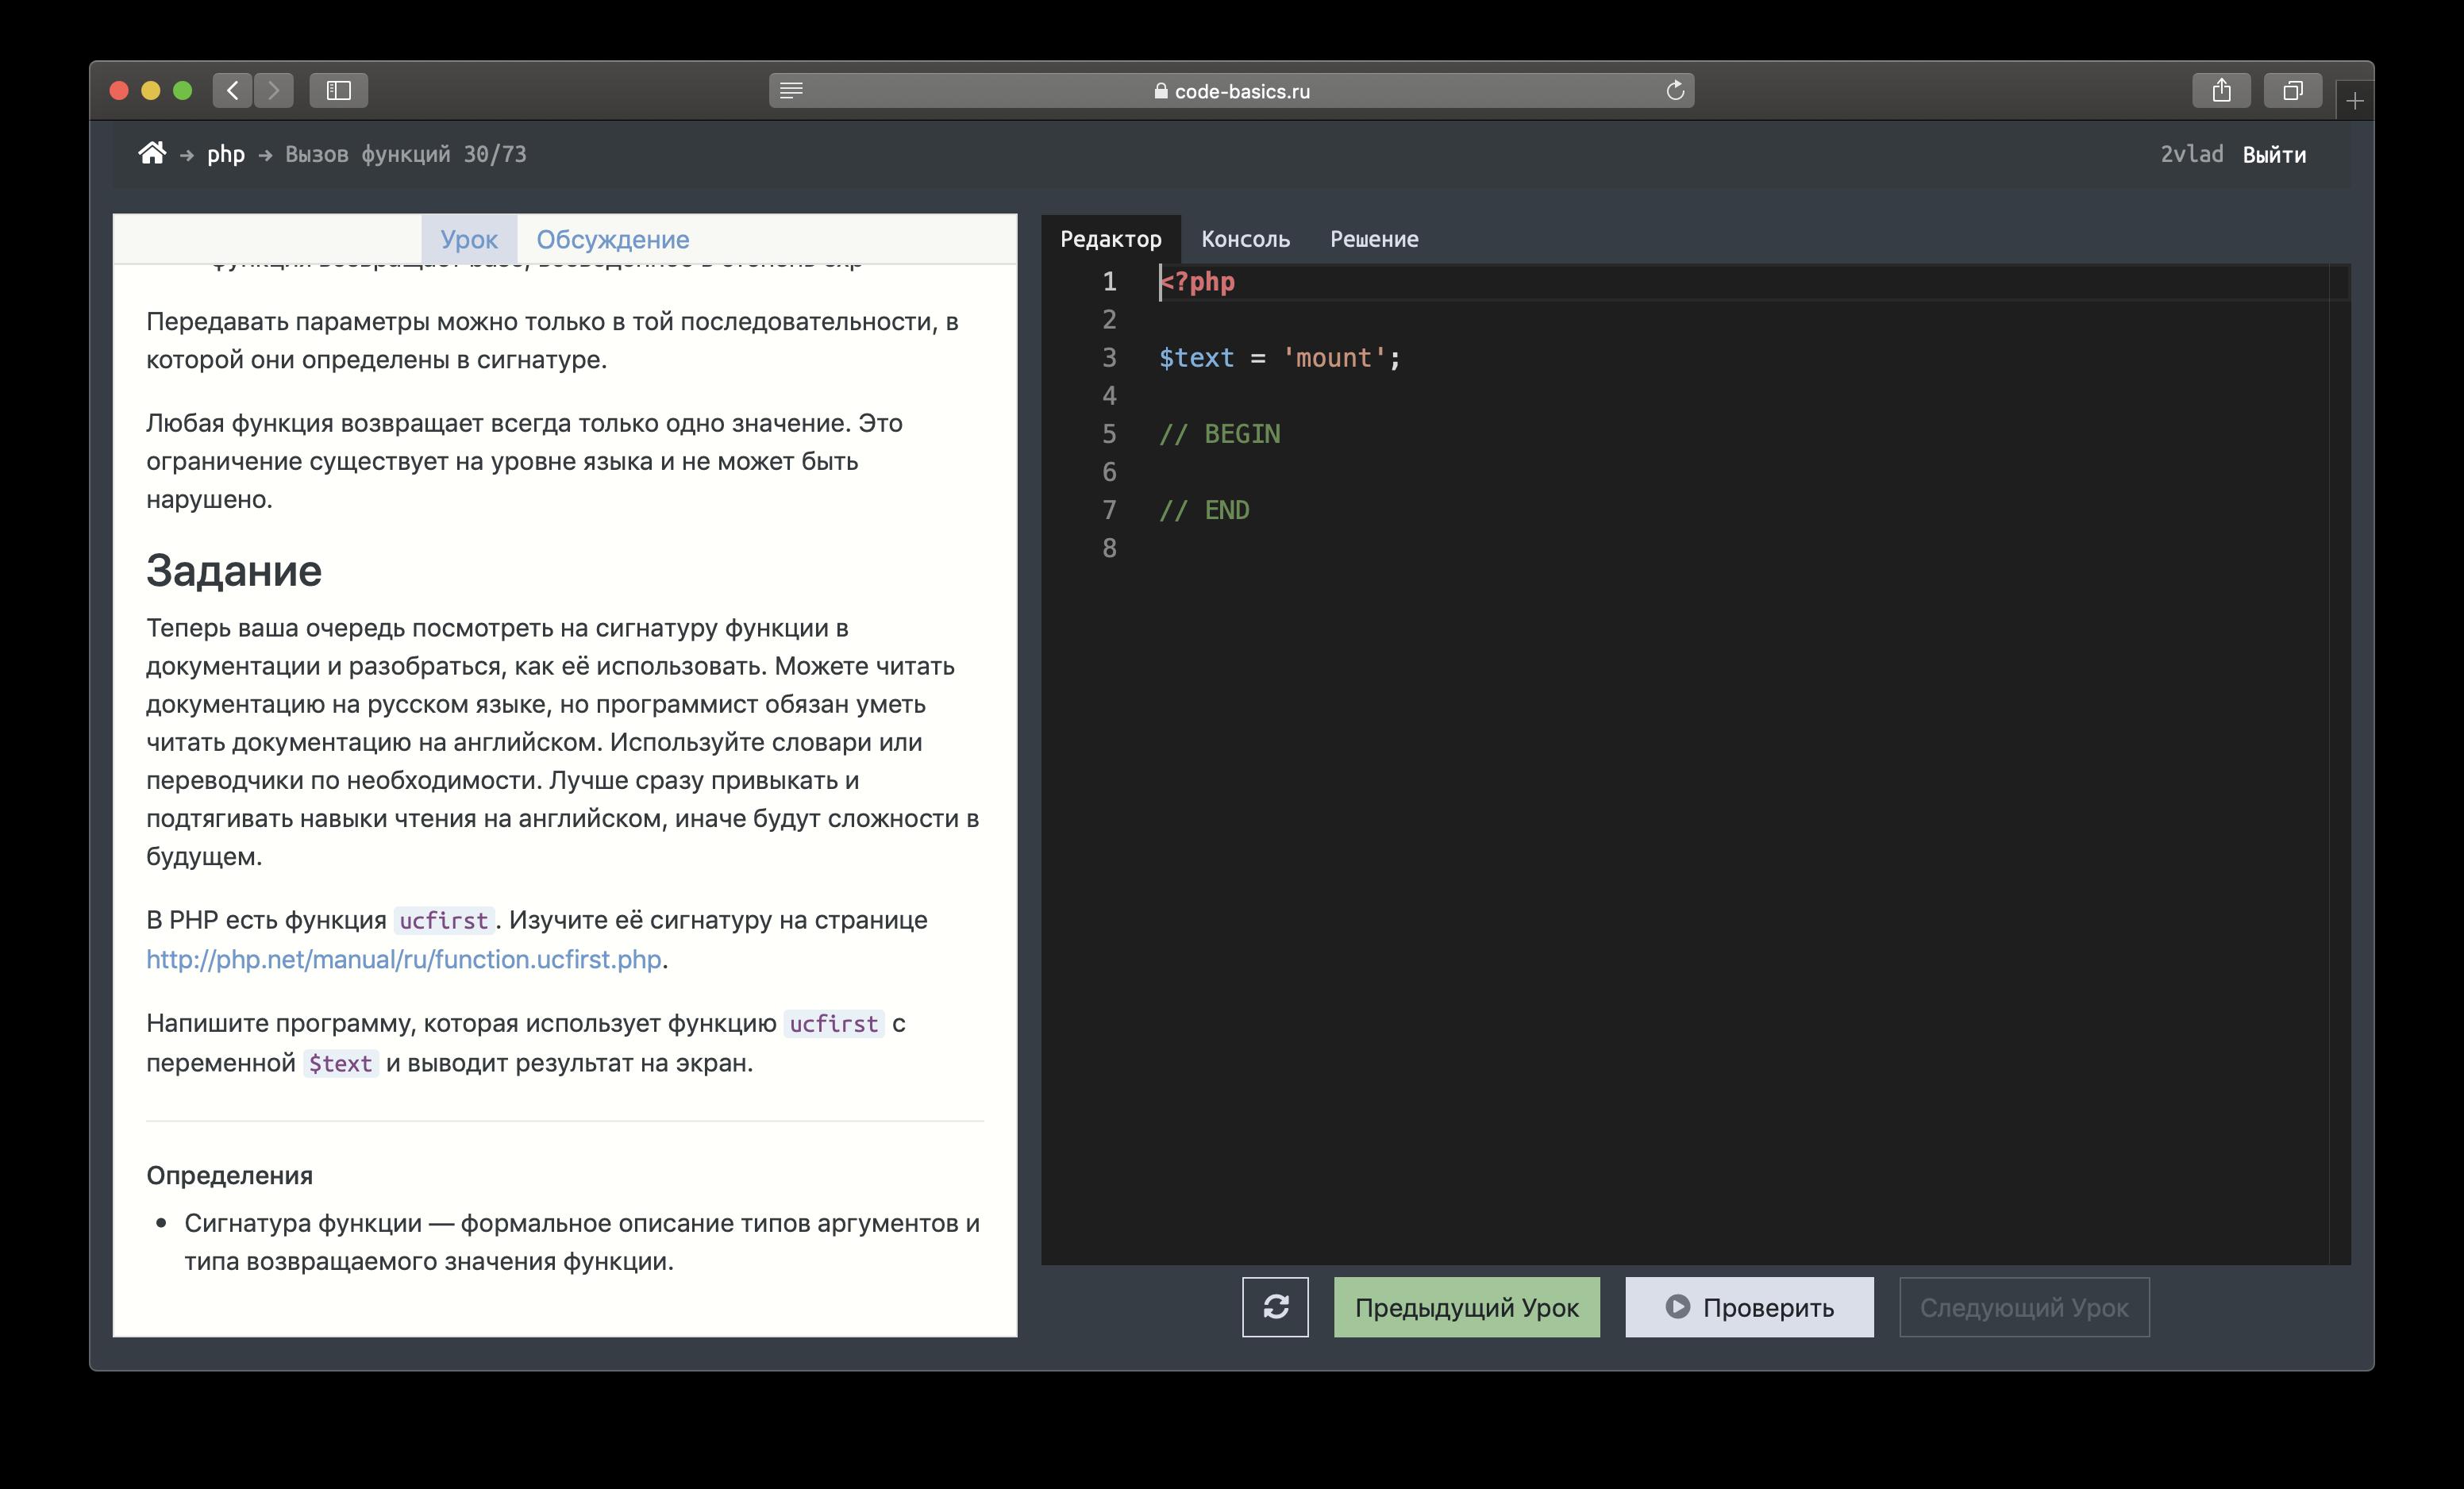 Пять бесплатных автоматизированных платформ для изучения и прокачки в программировании - 2